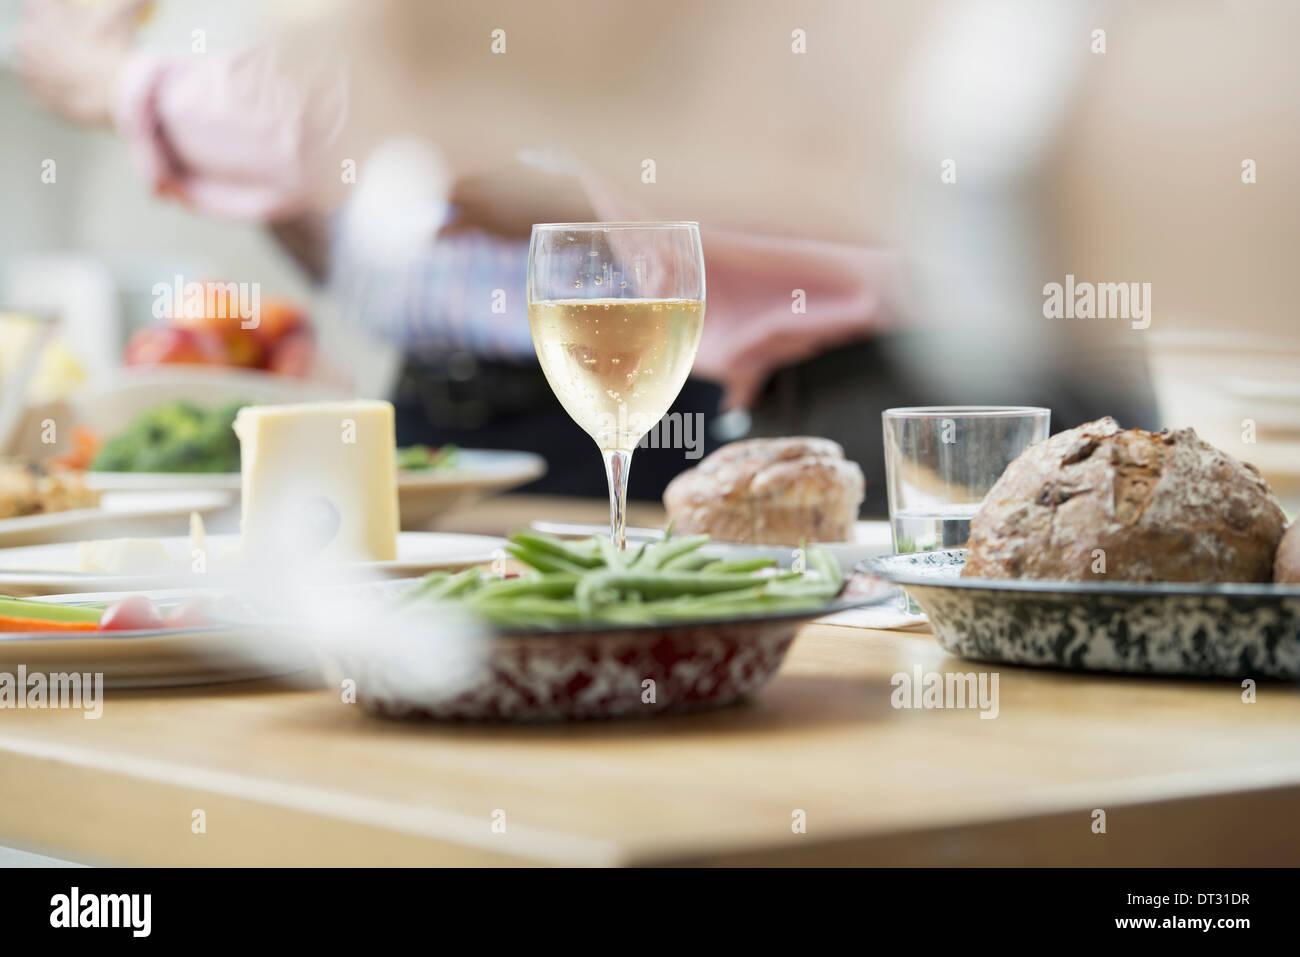 Una oficina abierta un almuerzo-buffet de ensaladas de diferentes edades y etnias reunidos Imagen De Stock